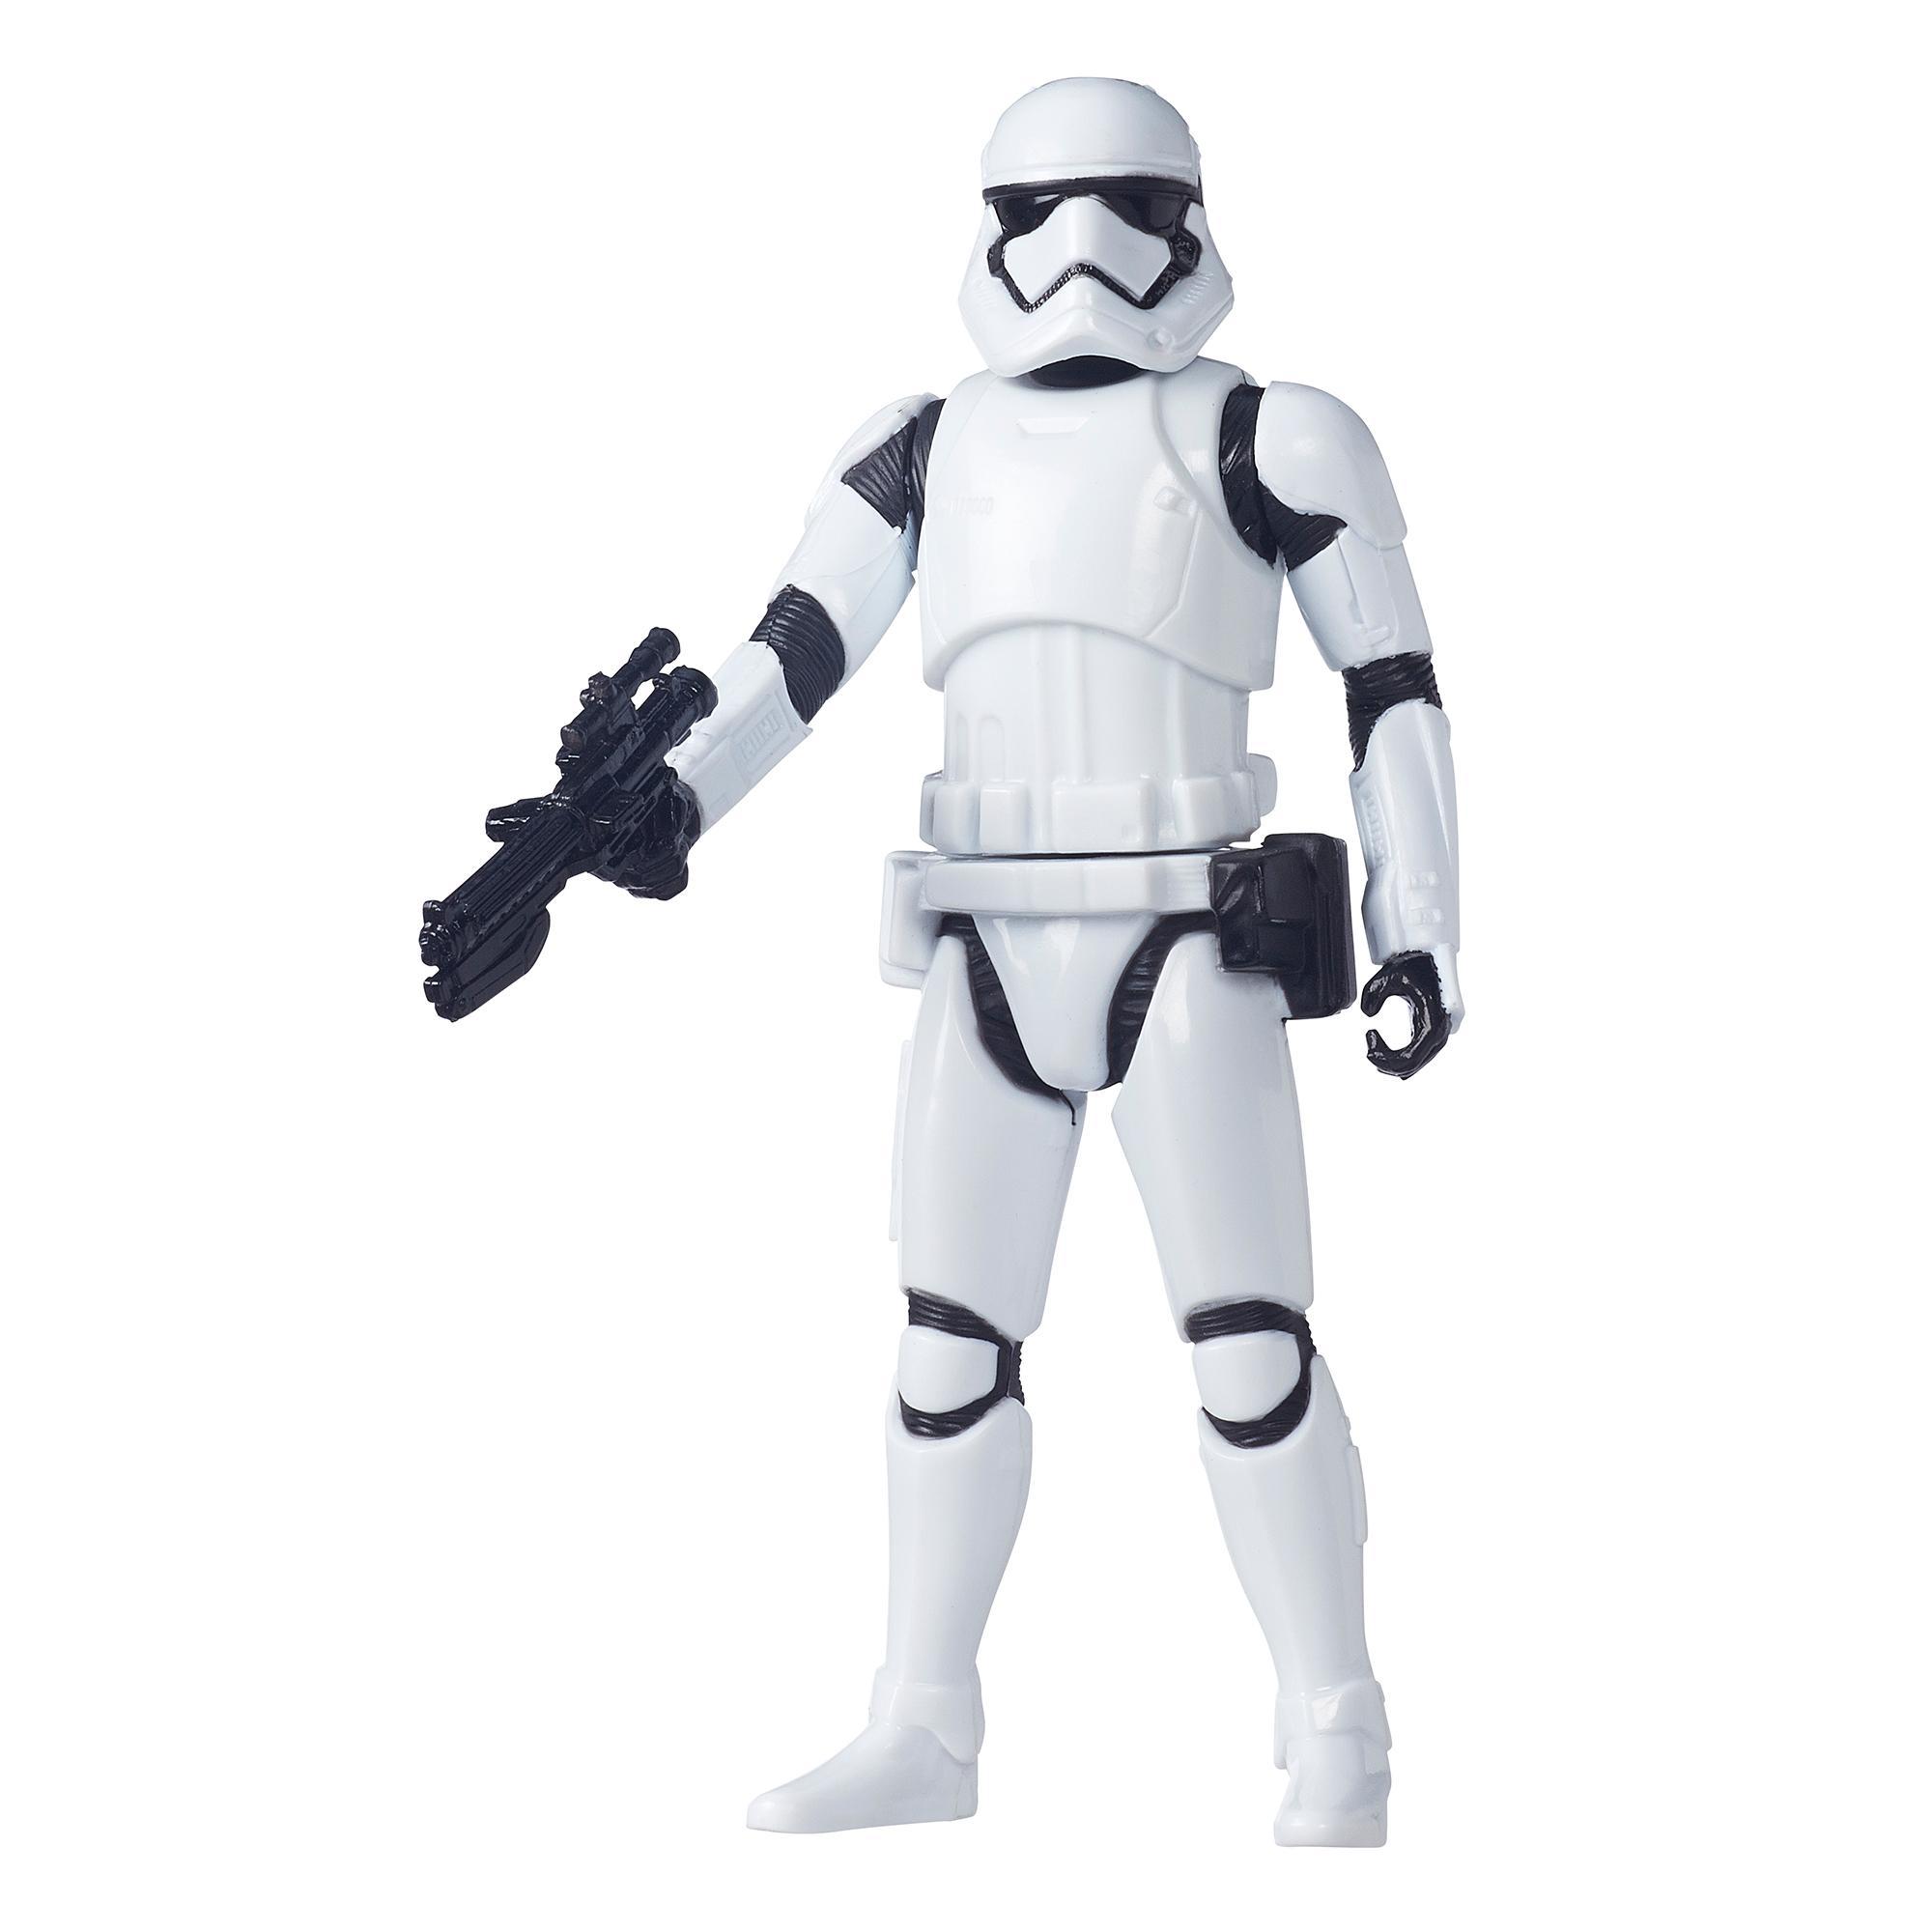 Star Wars The Force Awakens Stormtrooper de la Primera Orden de 15 cm (6 in)